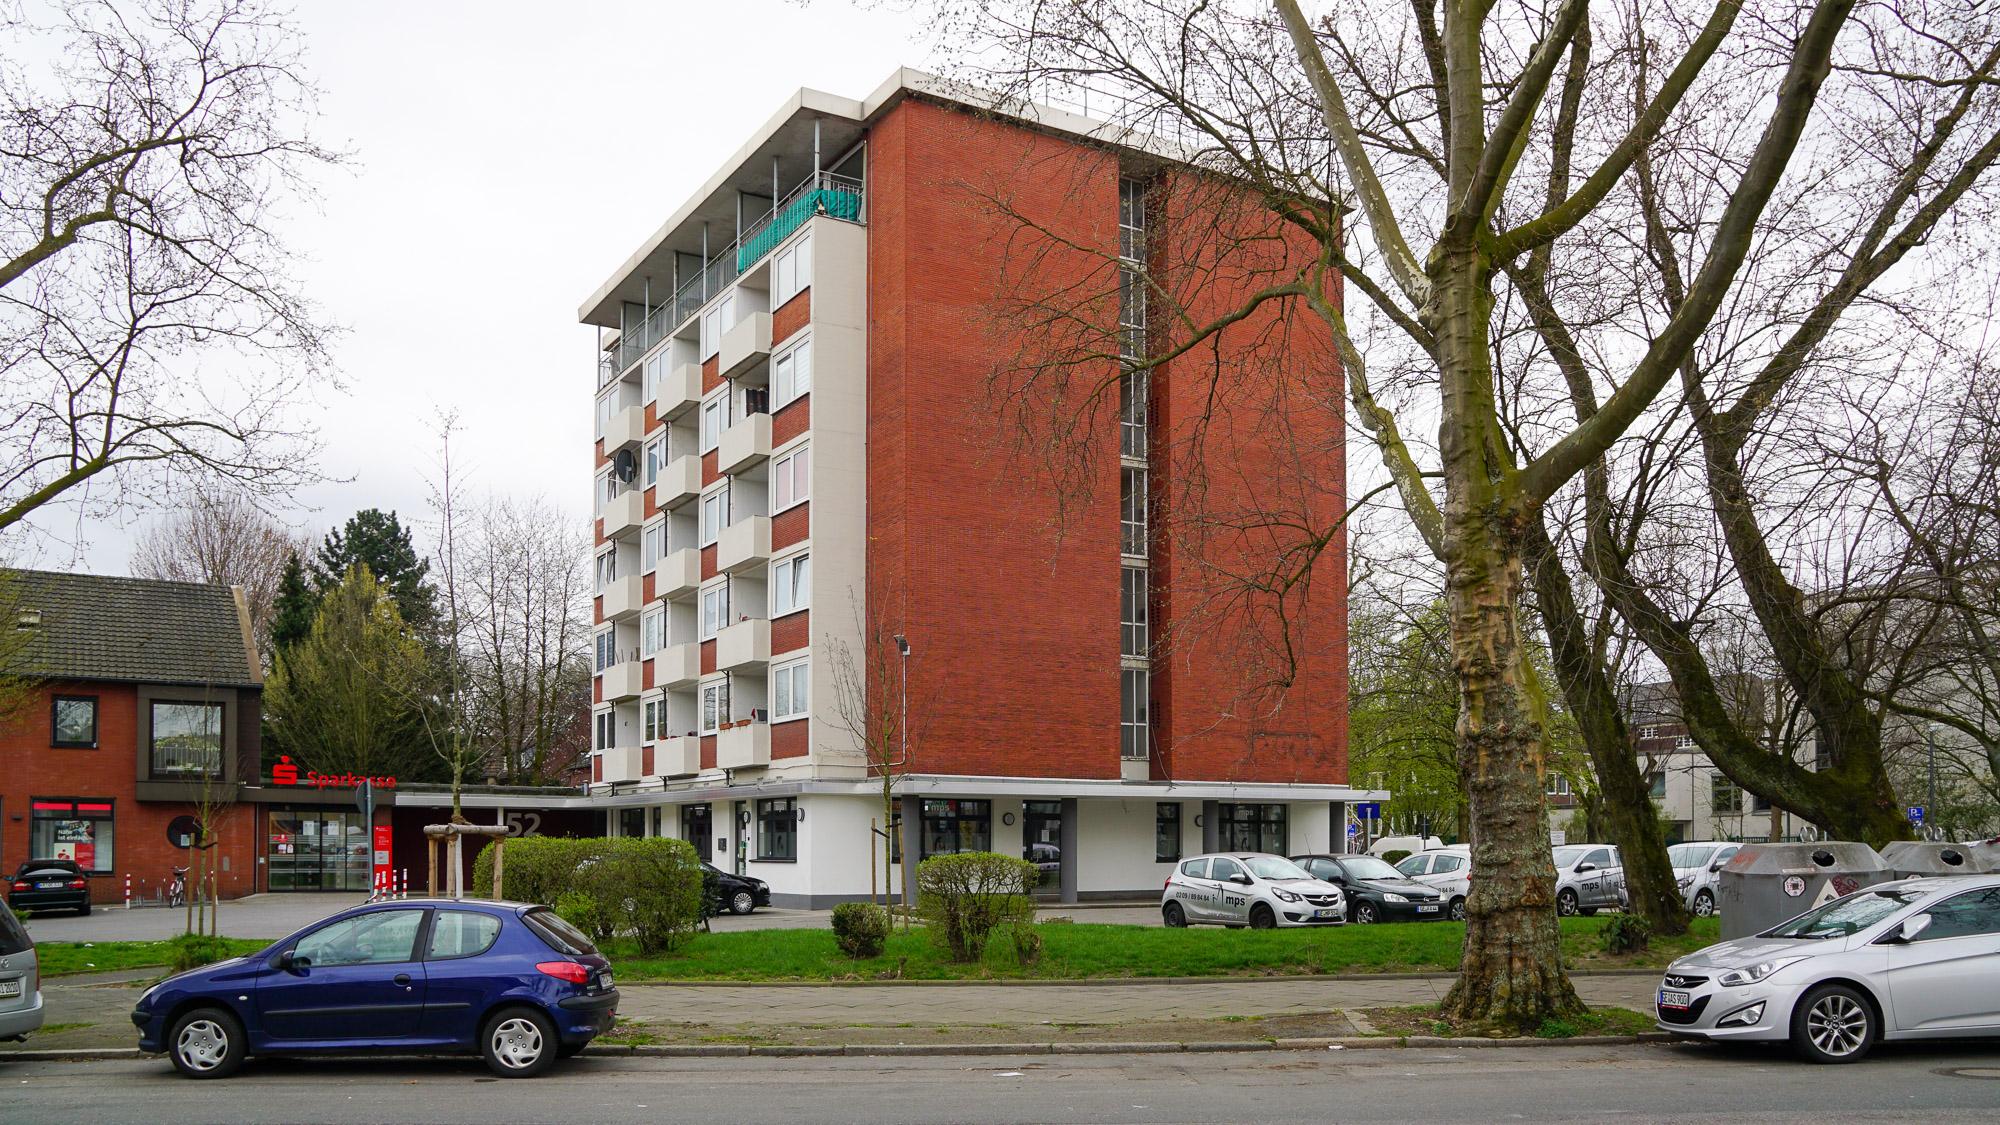 Seitenansicht eines siebenstöckigen Wohngebäudes aus den 50er Jahren